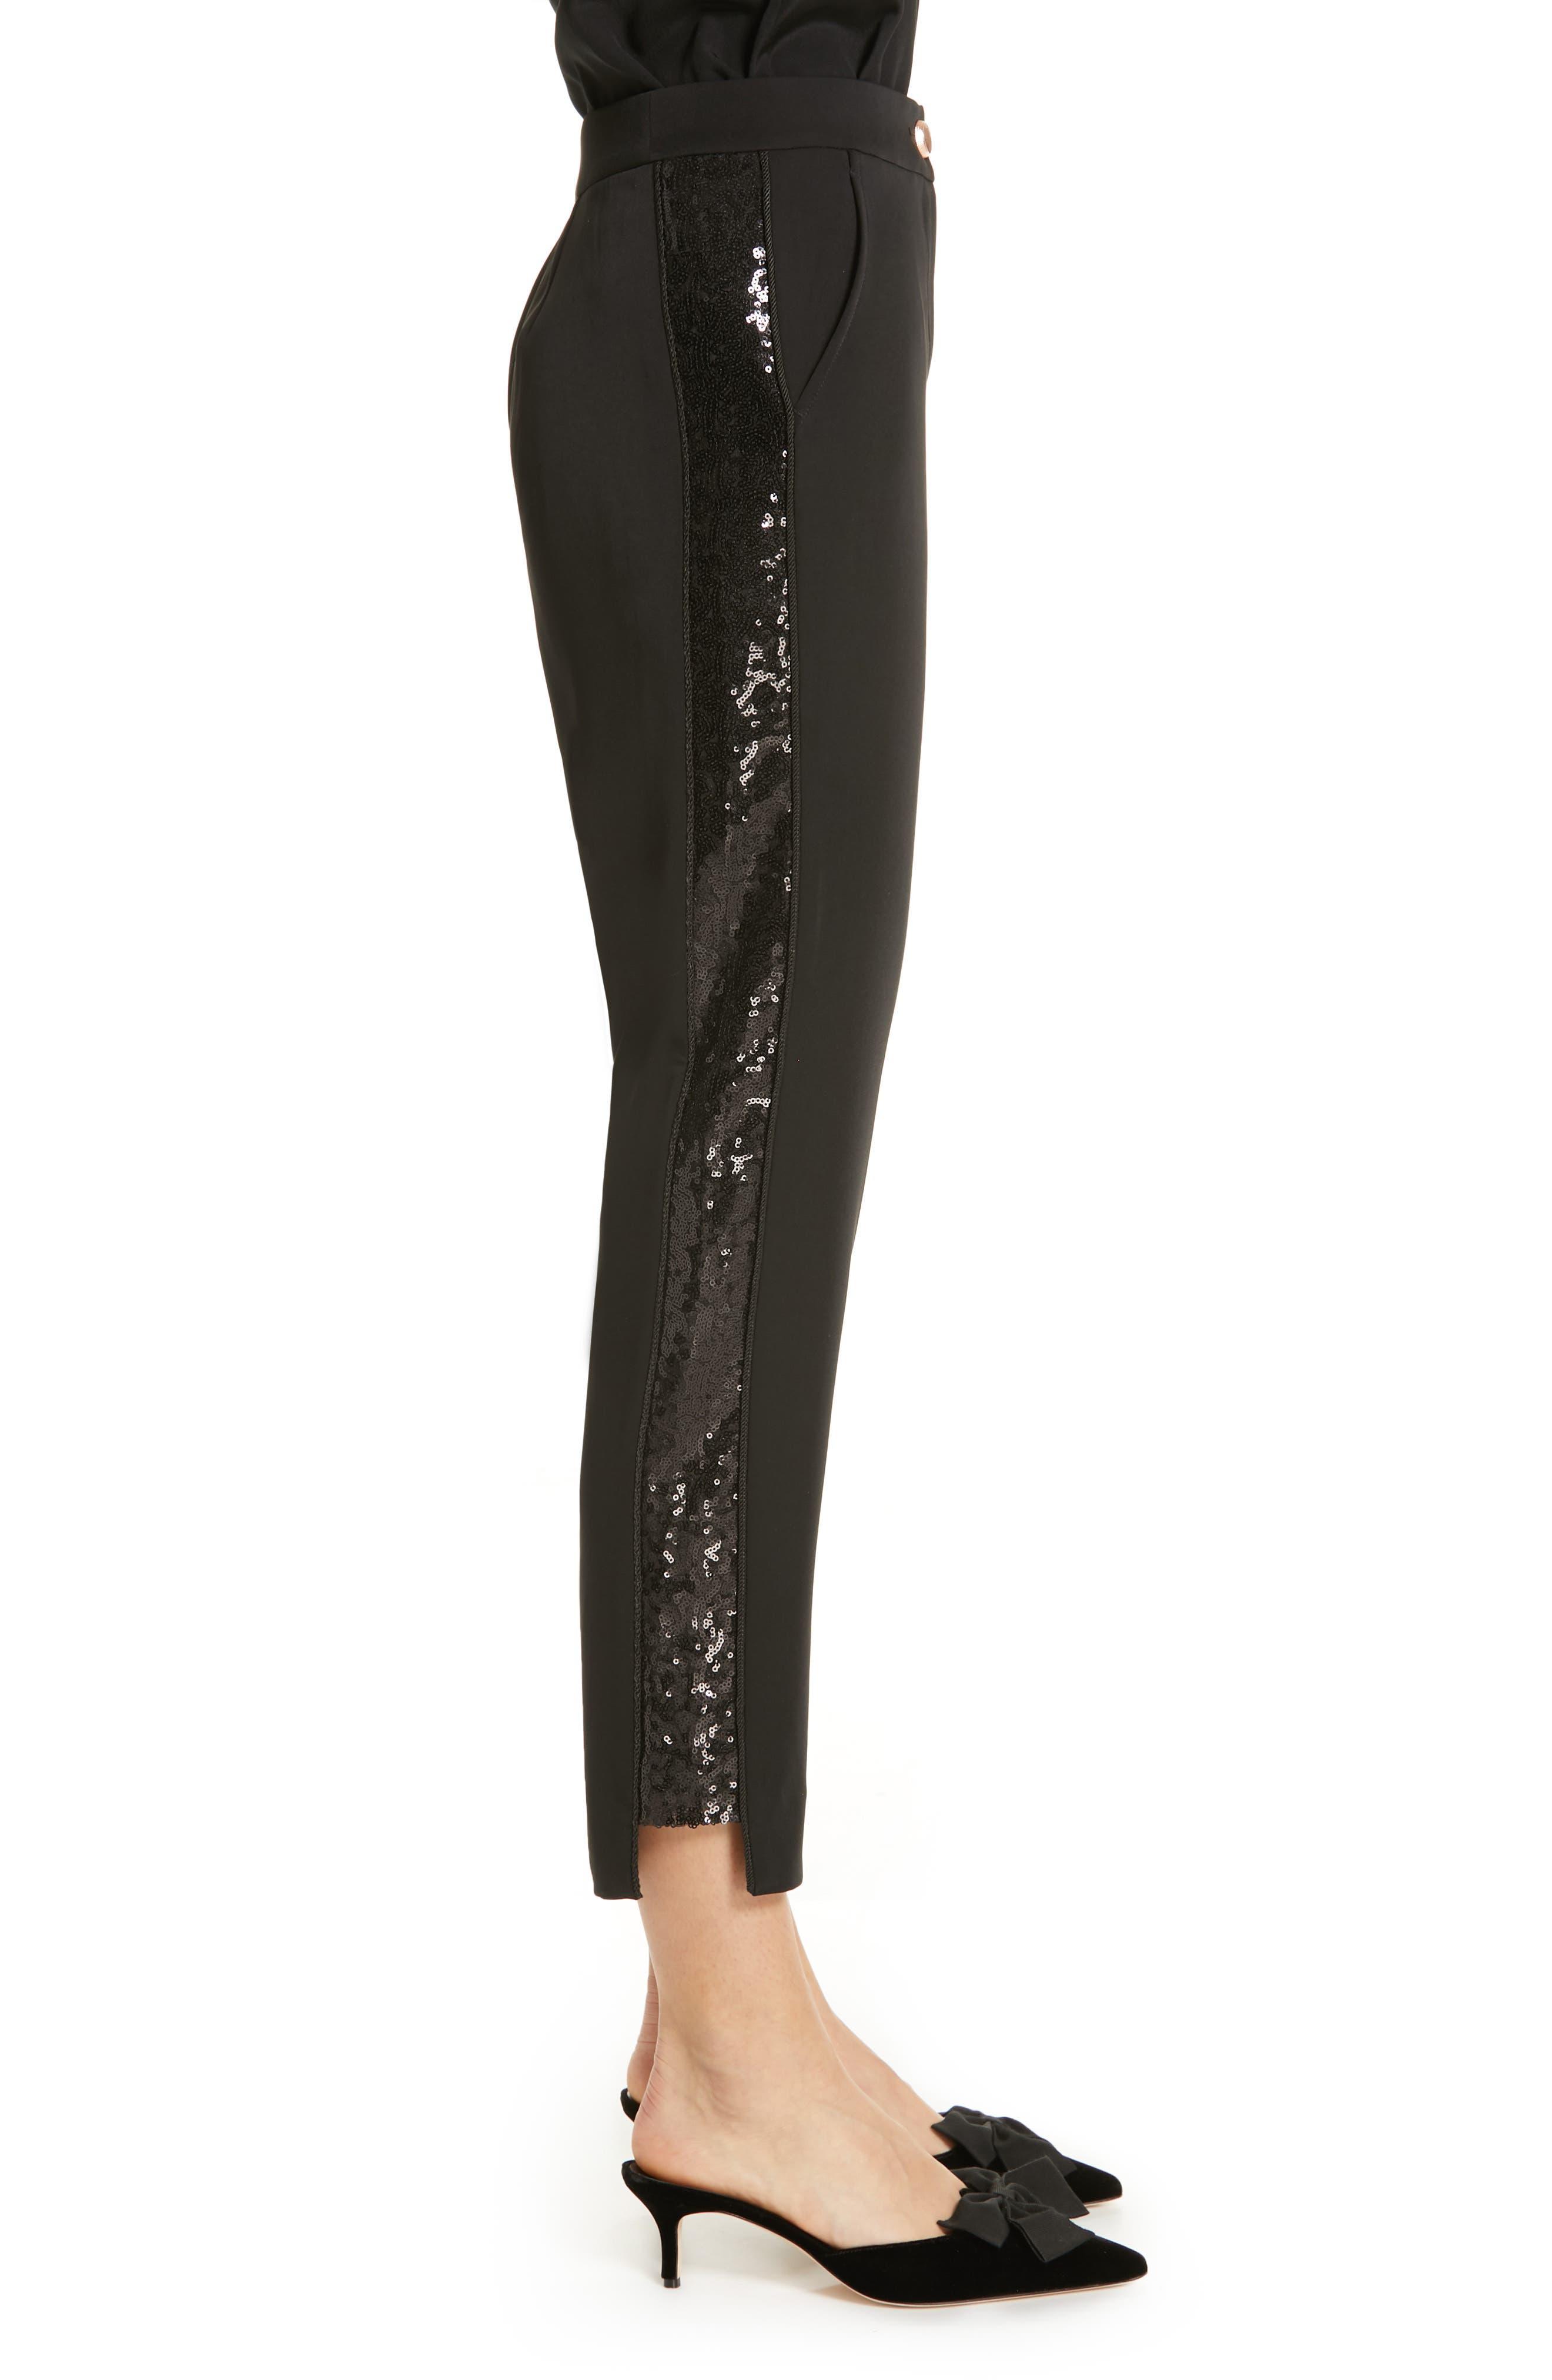 Polliit Sequin Side Panel Pants,                             Alternate thumbnail 3, color,                             BLACK